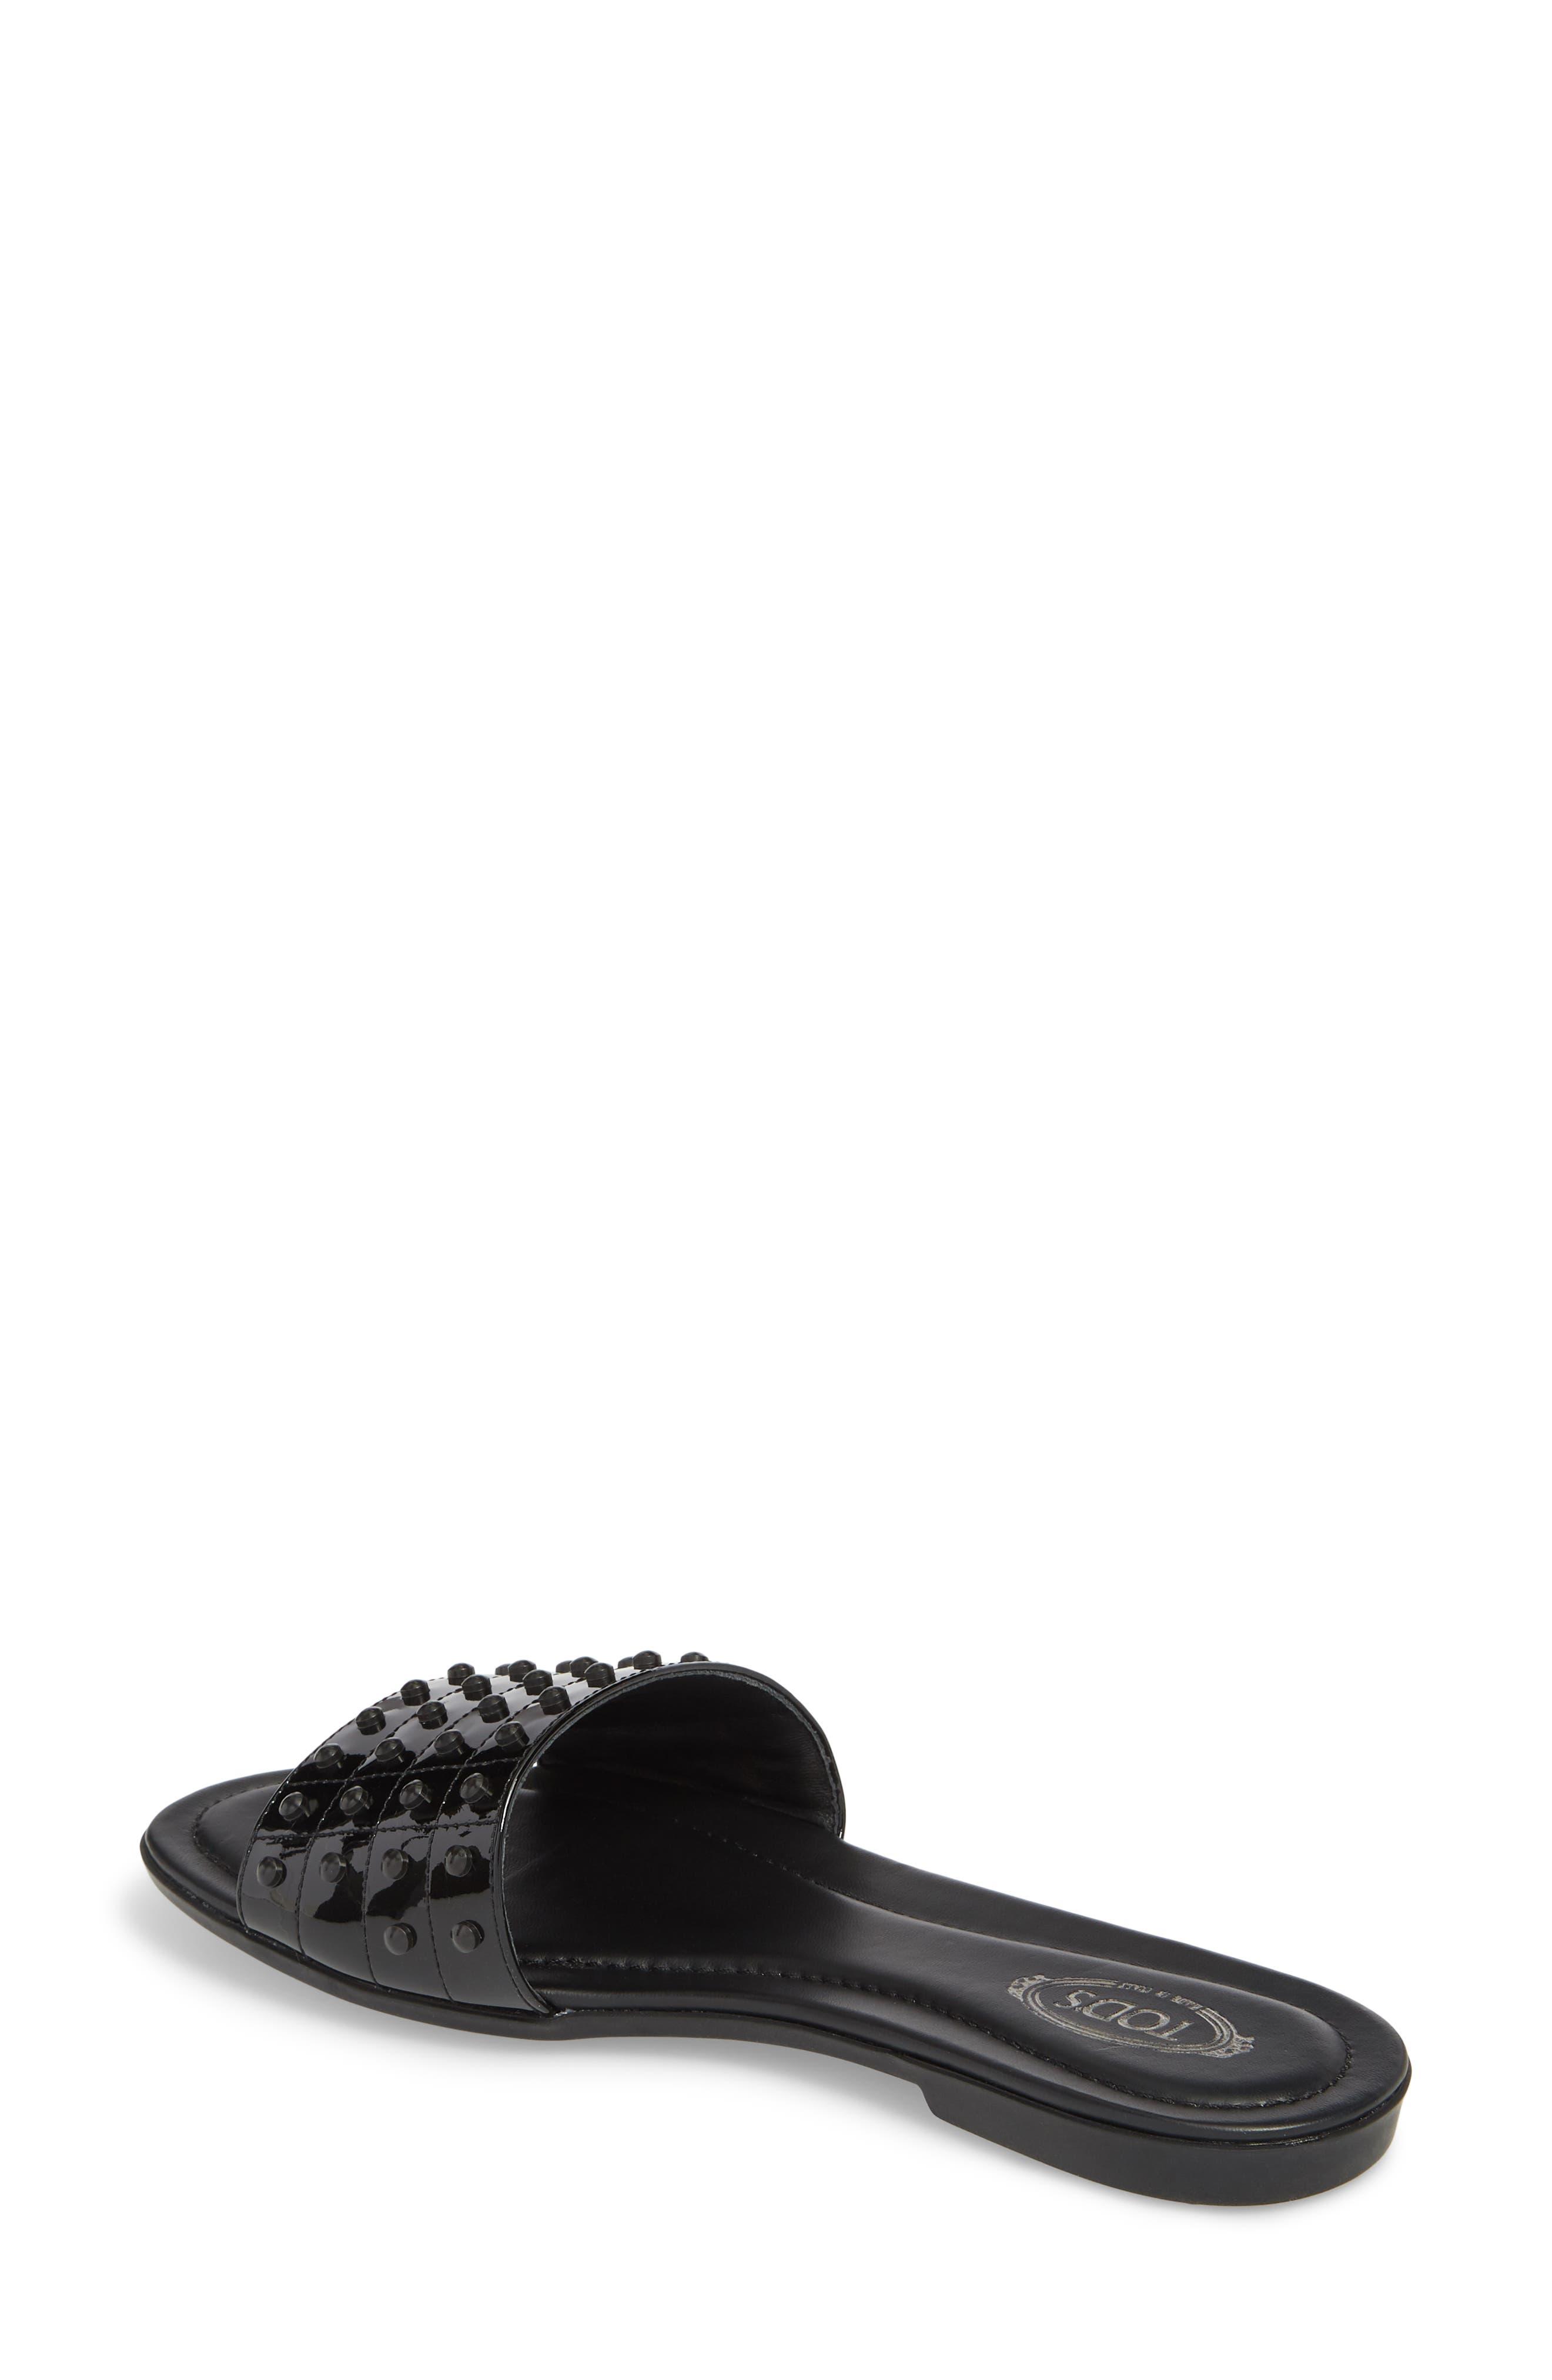 Gommini Slide Sandal,                             Alternate thumbnail 2, color,                             Black